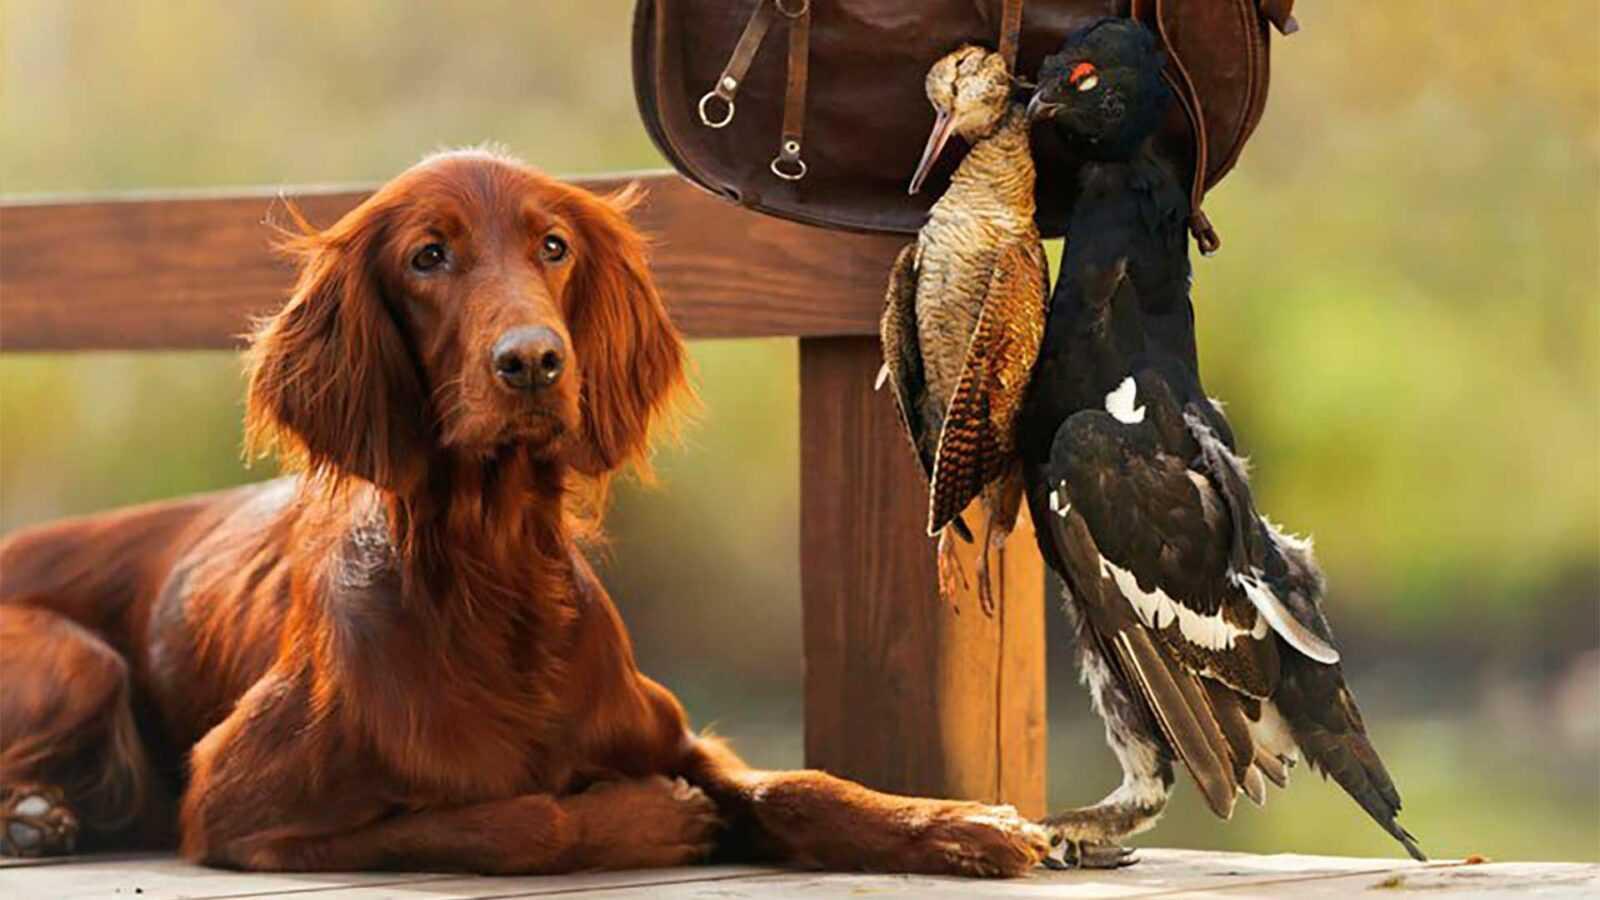 Как родилась повесть об охотничьей собаке Истре